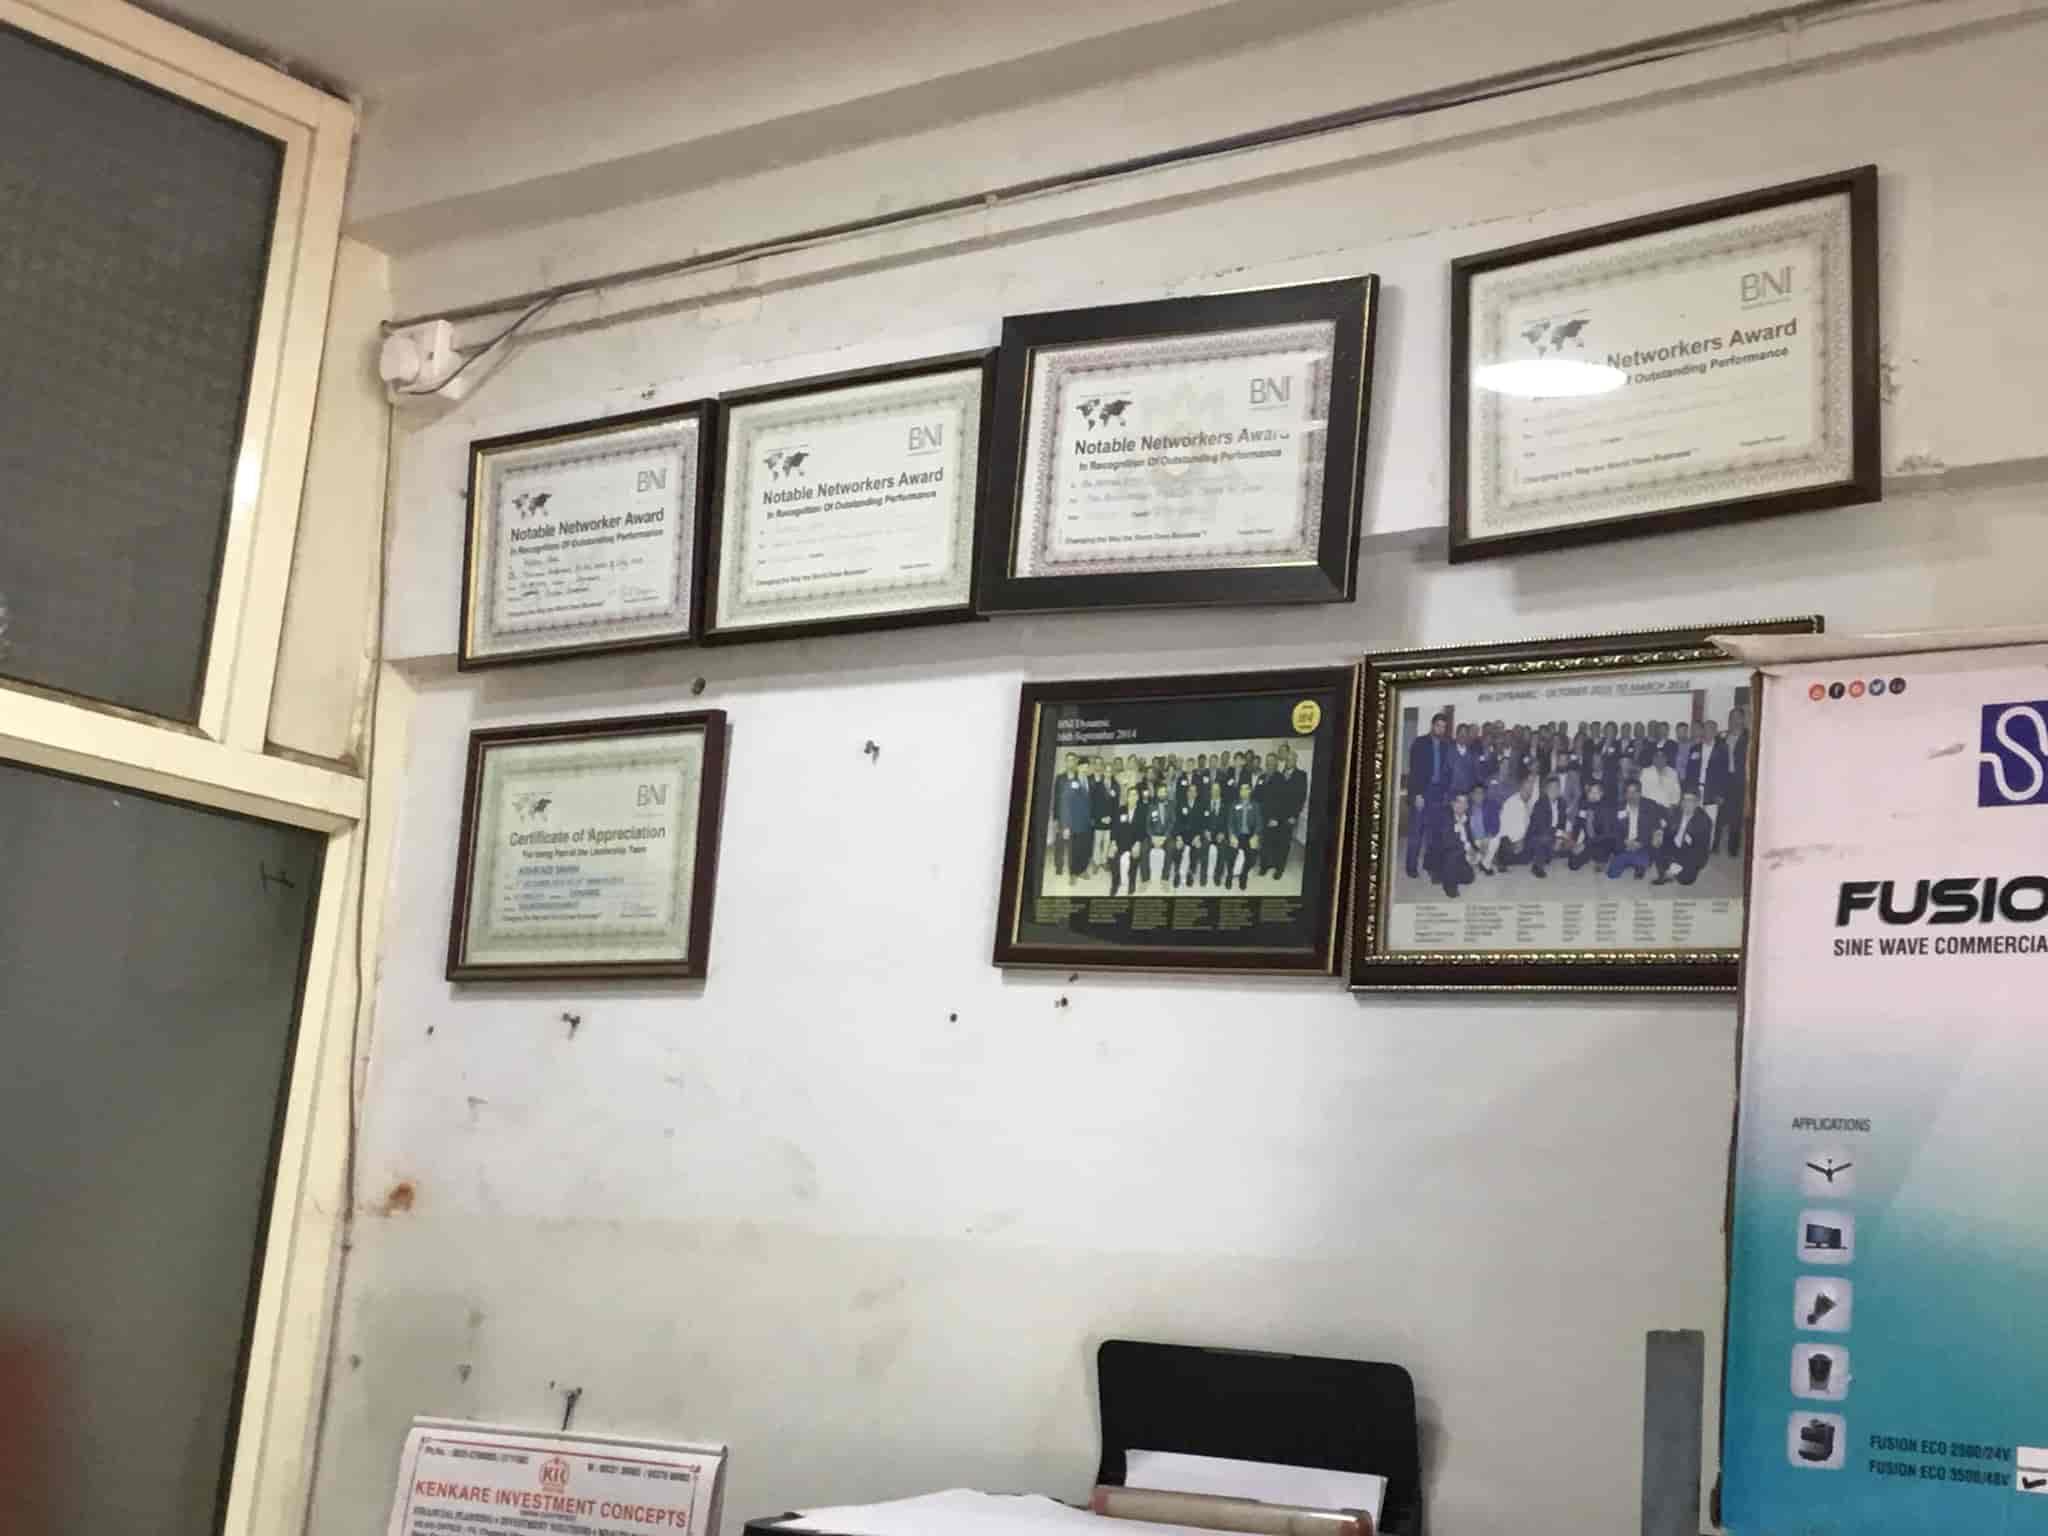 Gem Power Solutions, Vasco Da Gama - Inverter Dealers in Goa